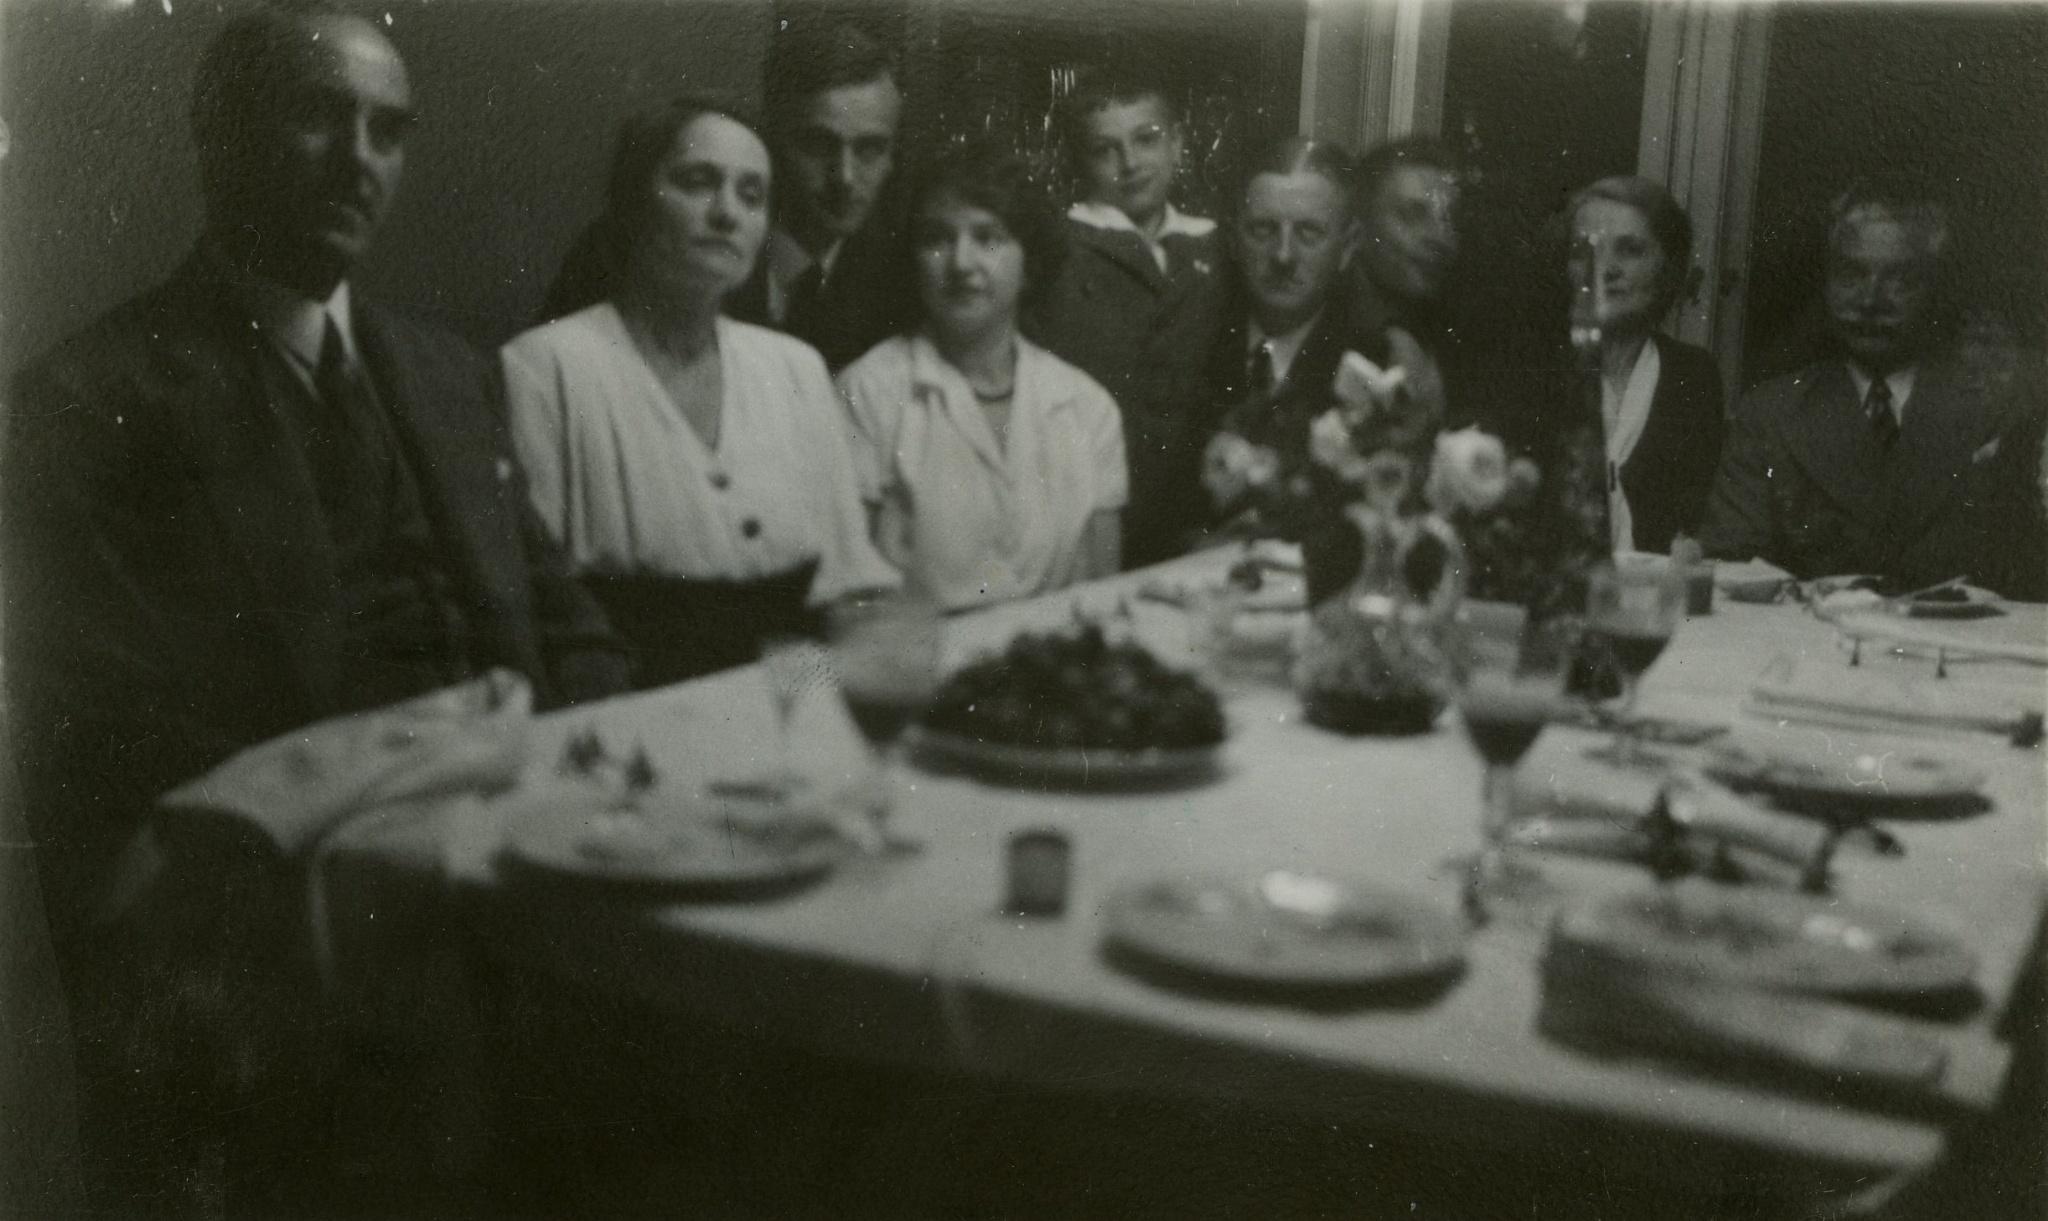 <div class='inner-box'><div class='close-desc'></div><span class='opis'>Zdjęcie rodzinne. Mr Varin, Franciszka Giedroyć, Zygmunt Giedroyć, Janina Starzycka; Henryk Giedroyc; Henryk Gisges-Gawroński; NN; NN; Ignacy Giedroyć. Warszawa, 1933 r.</span><div class='clearfix'></div><span>Sygn. FIL04929</span><div class='clearfix'></div><span>&copy; Instytut Literacki</span></div>